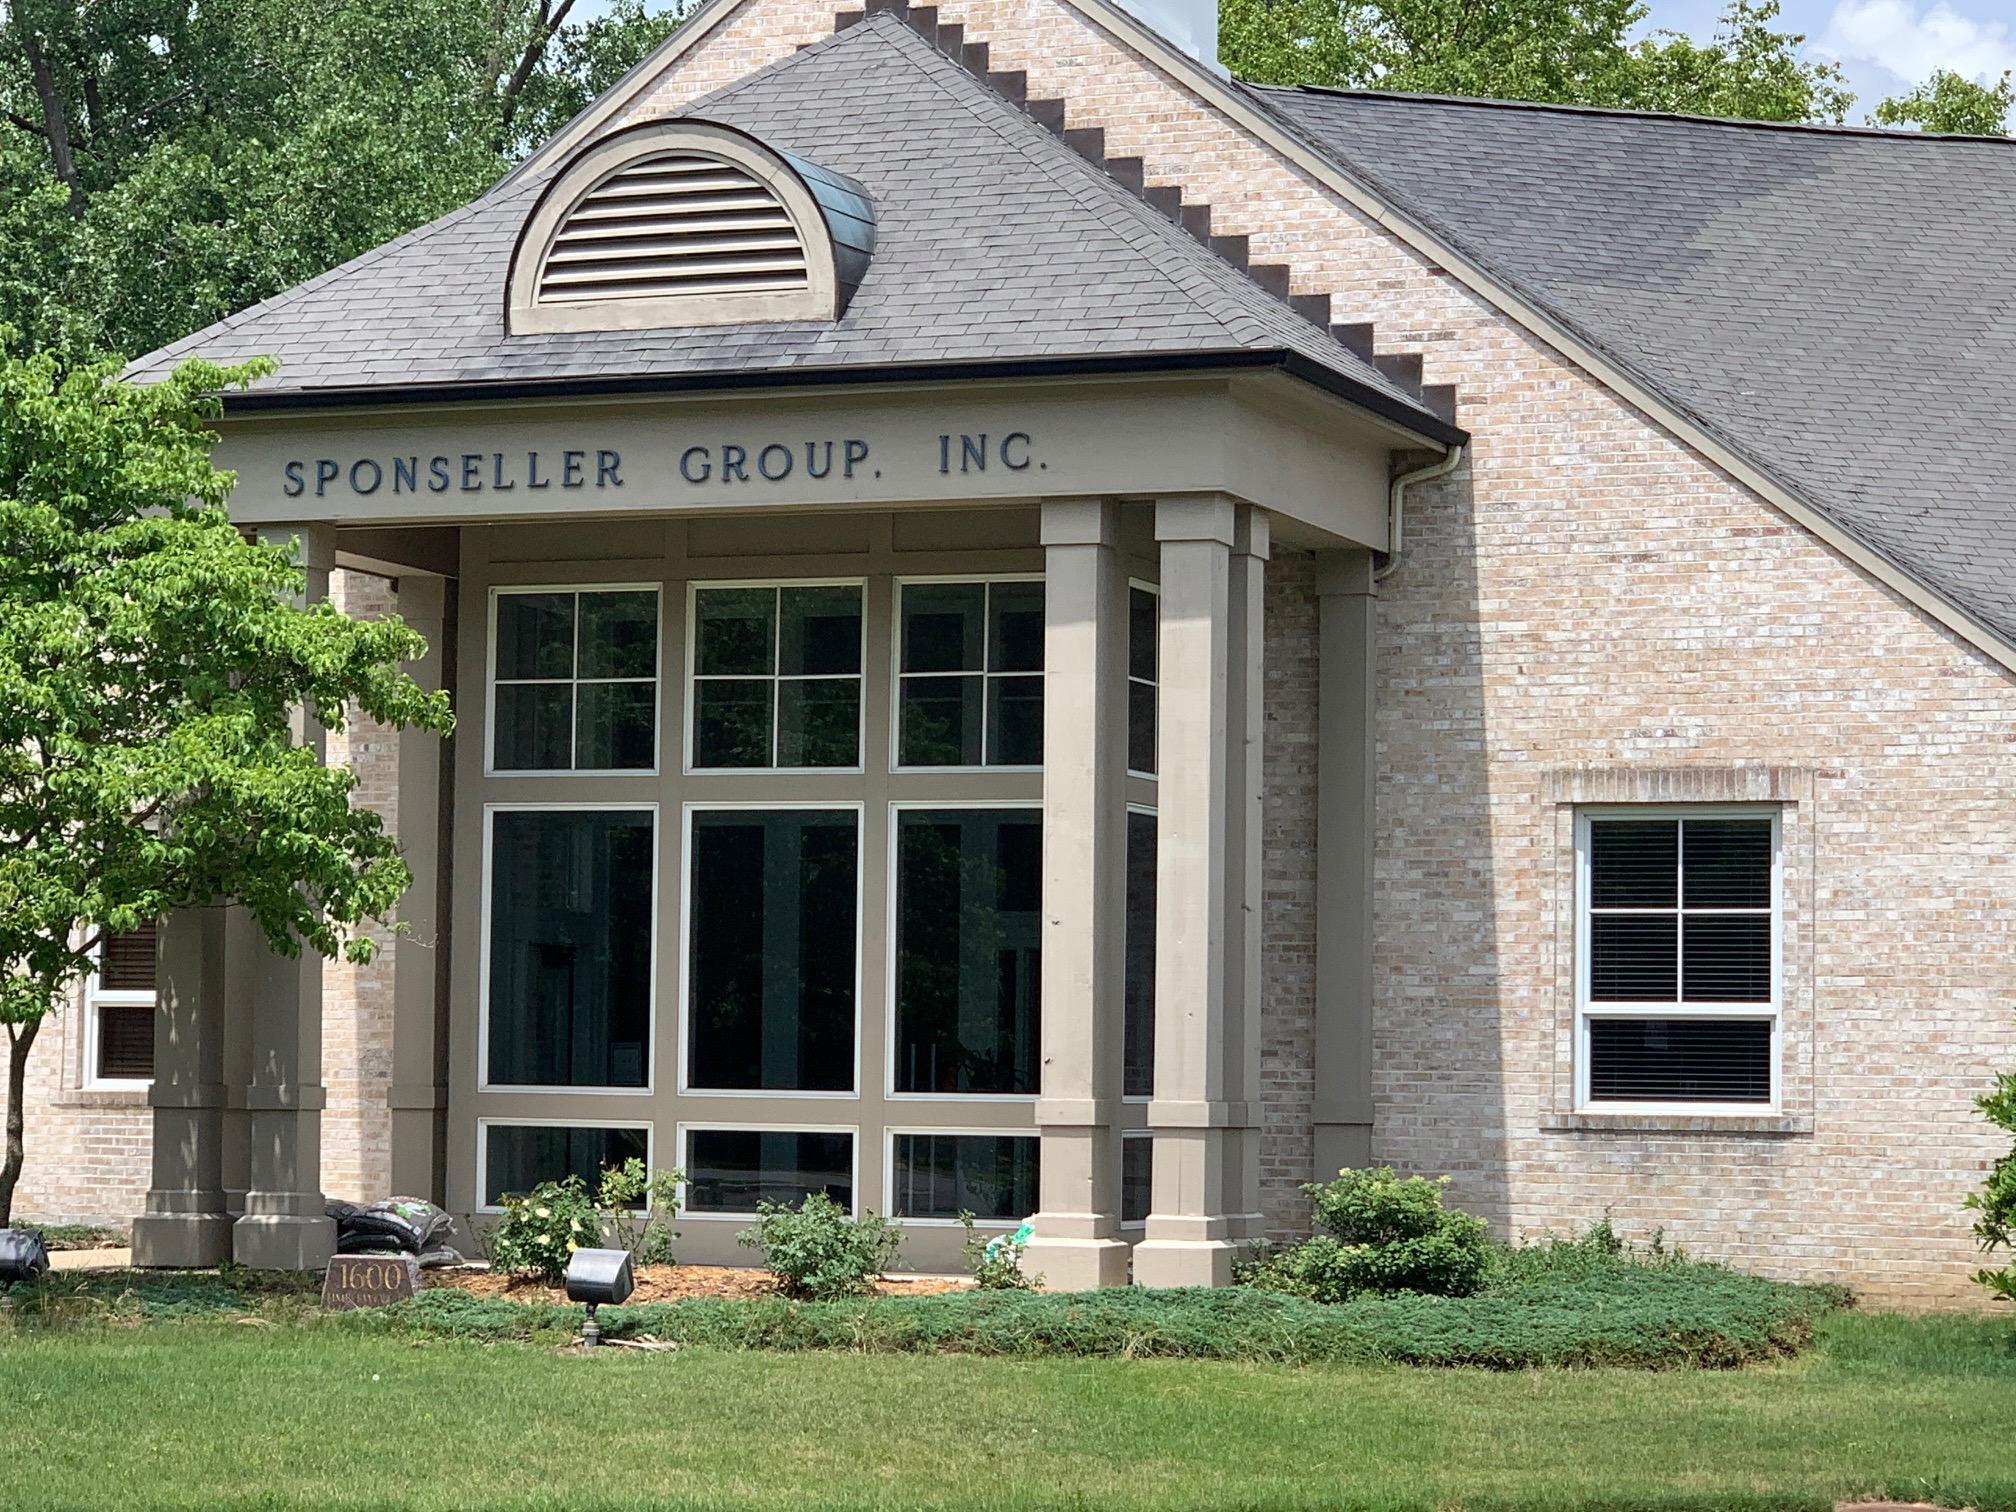 Sponseller Group Inc.